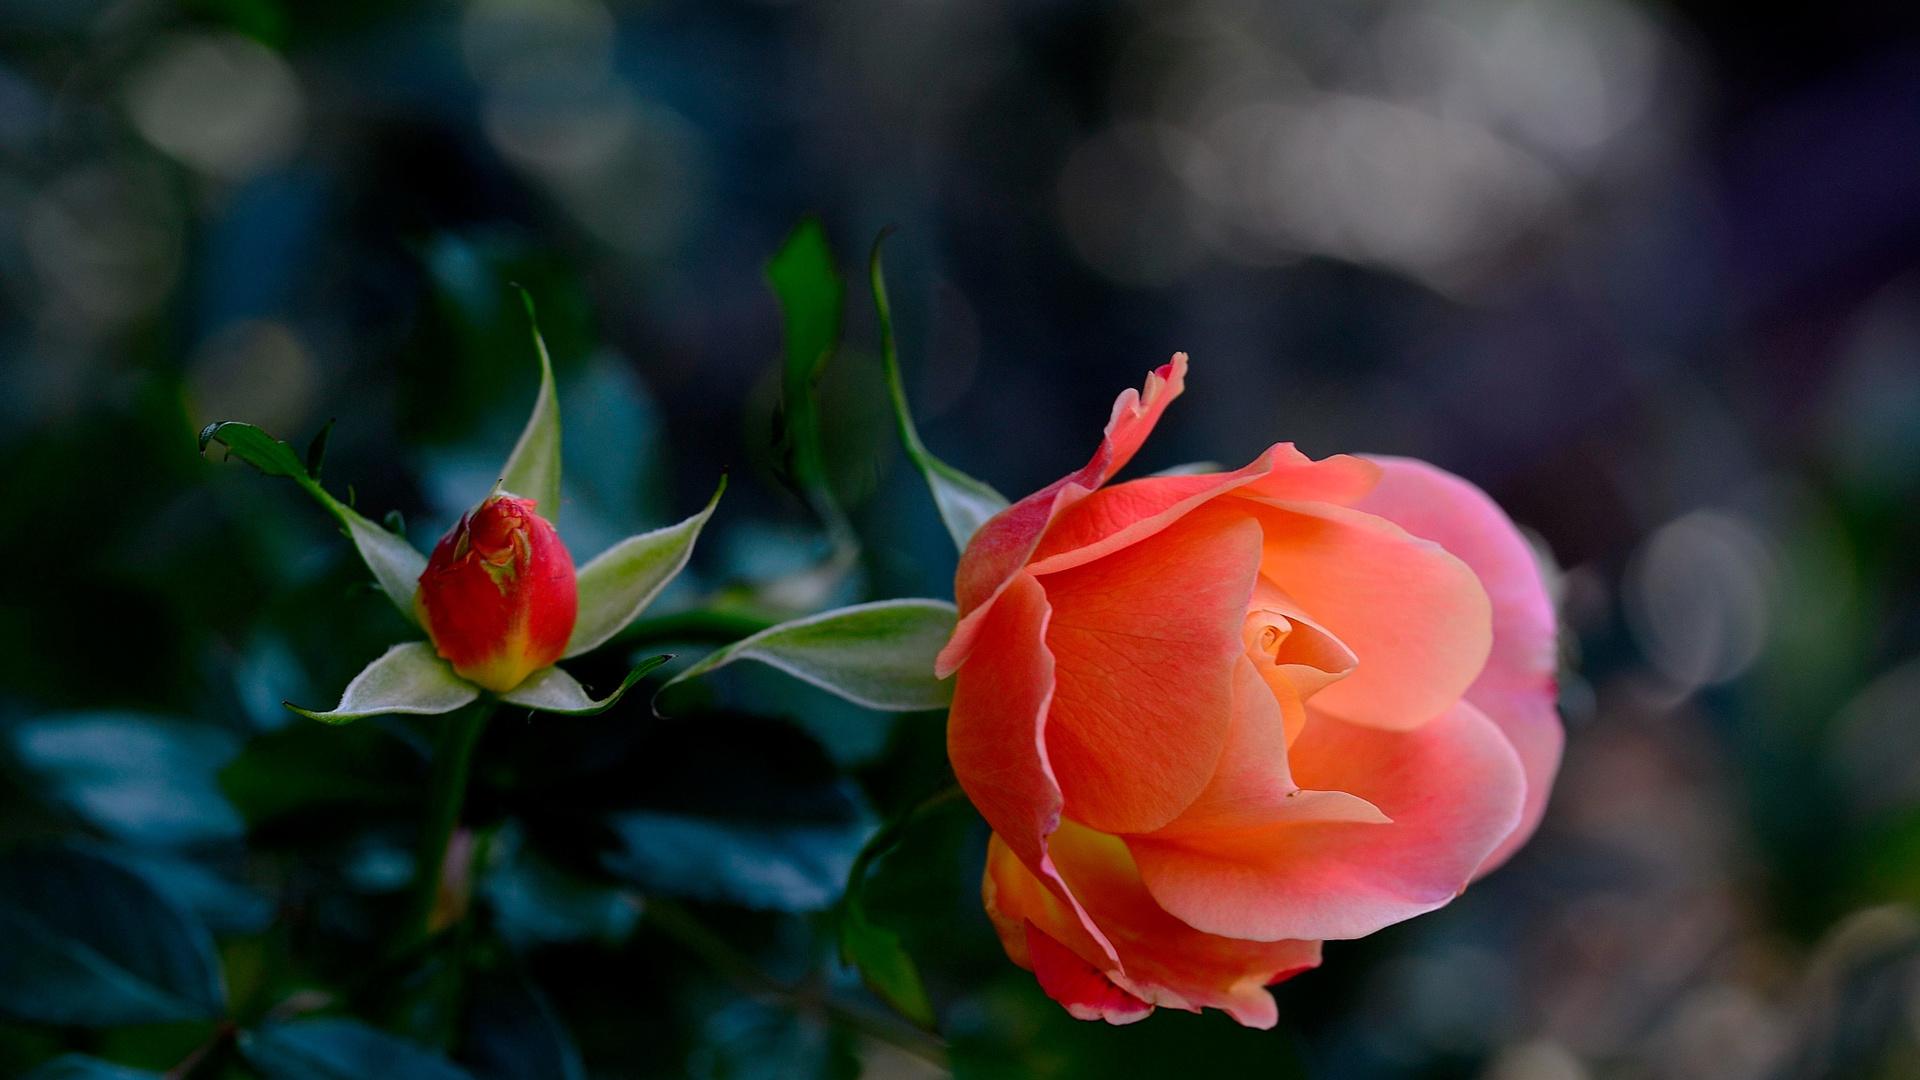 К чему снятся розы: толкования снов про розы белого, красного, розового цвета или других оттенков.